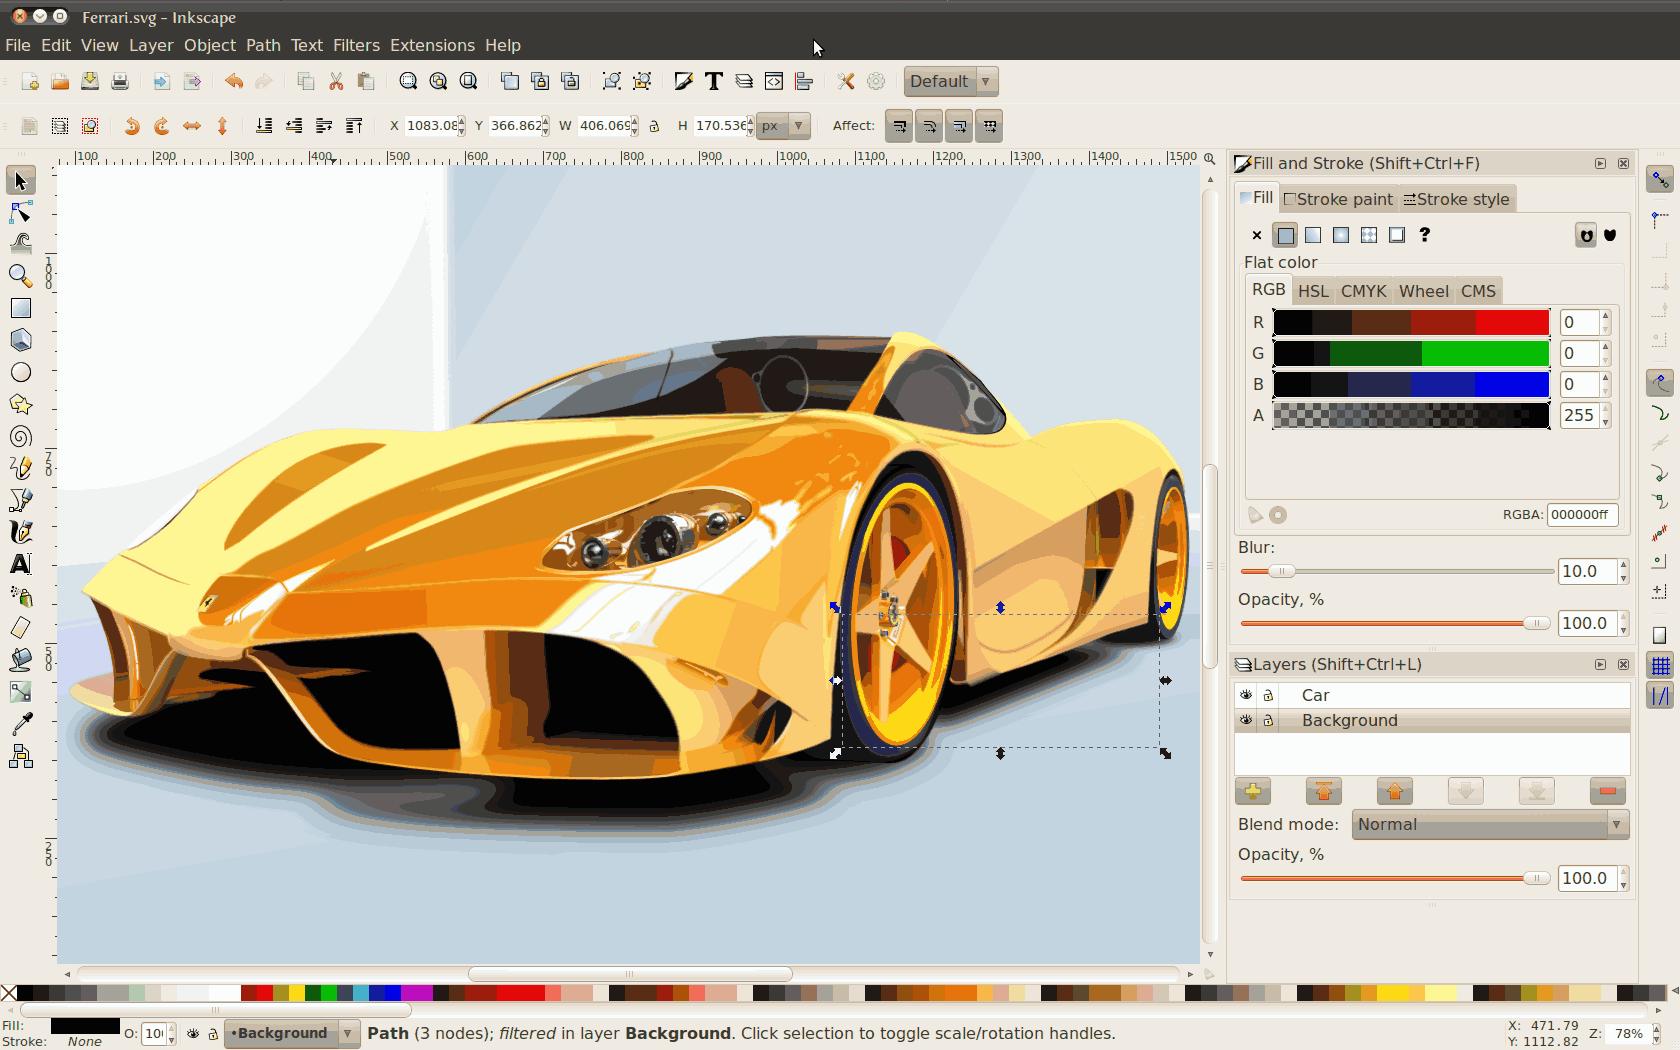 inkscape-0.48-ferrari